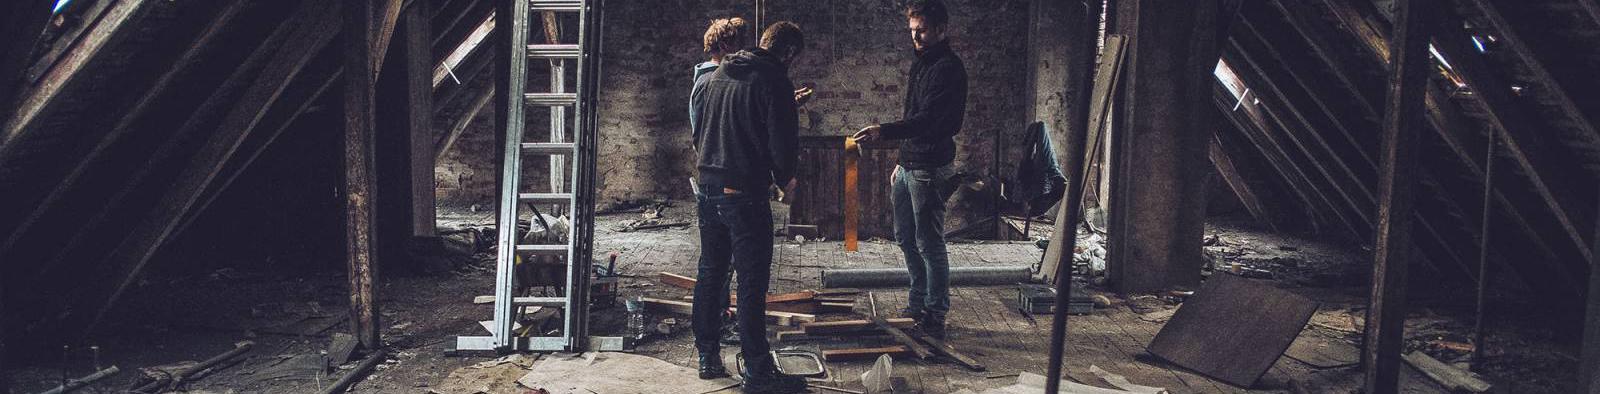 Auf dem ehemaligen kaputten rustikalen Dachboden des Hostels vor dem Umbau zum hostel multitude